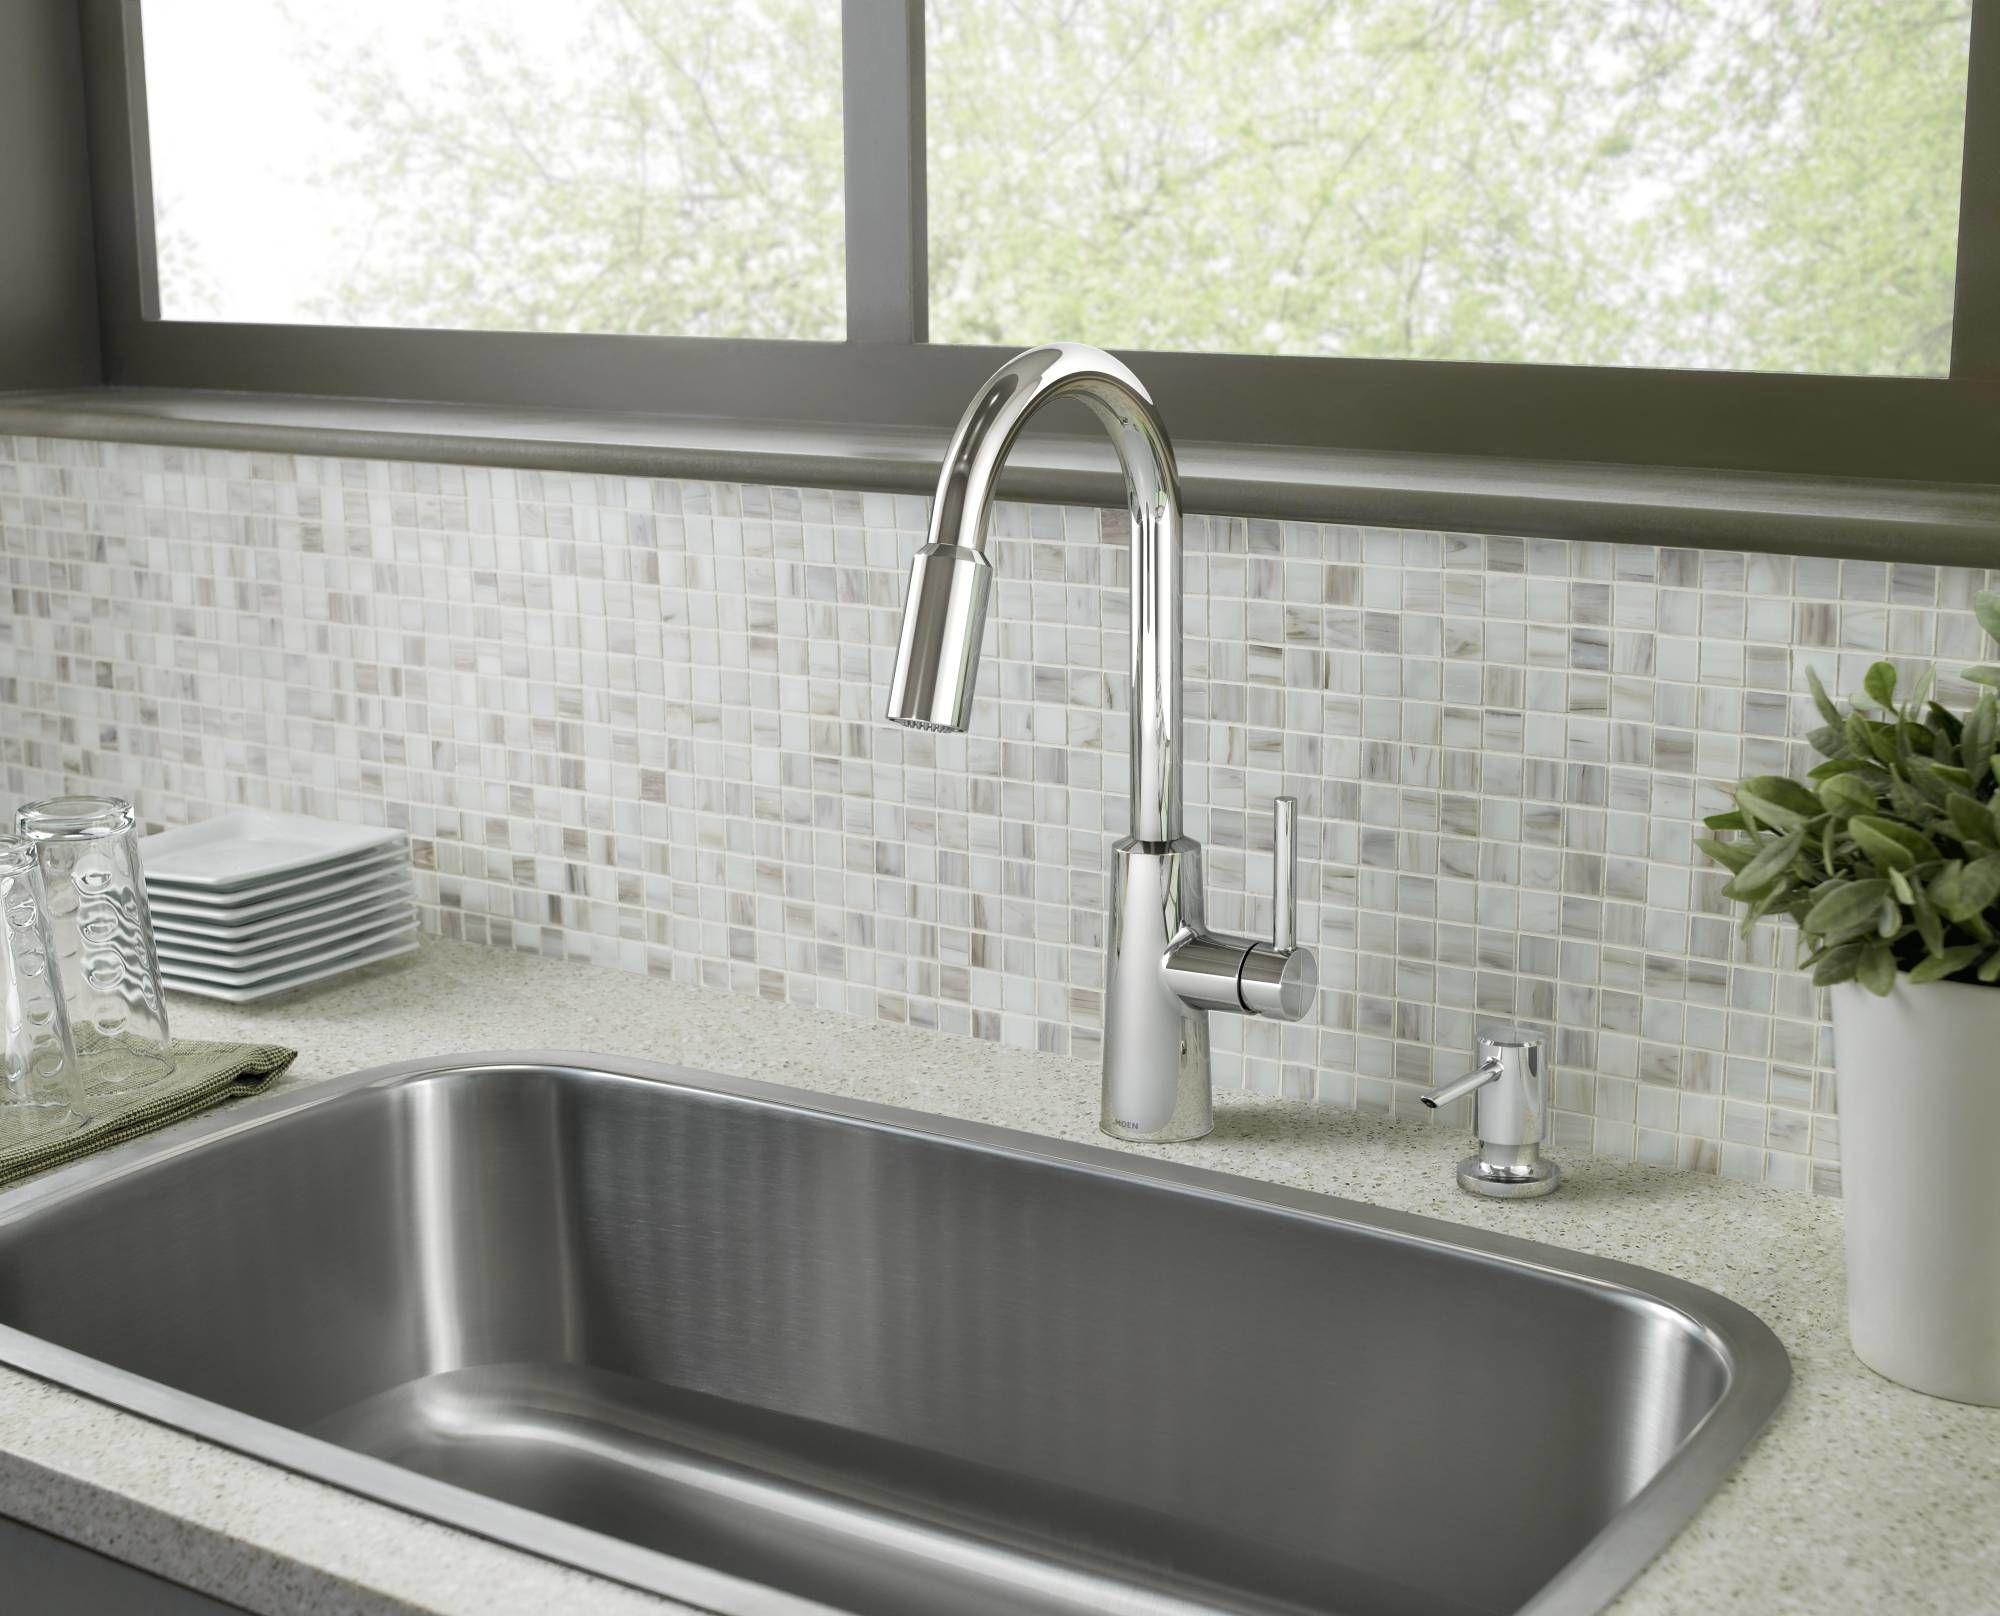 Moen Nori Kitchen Faucet Reviews8.500 Faucet Lowes